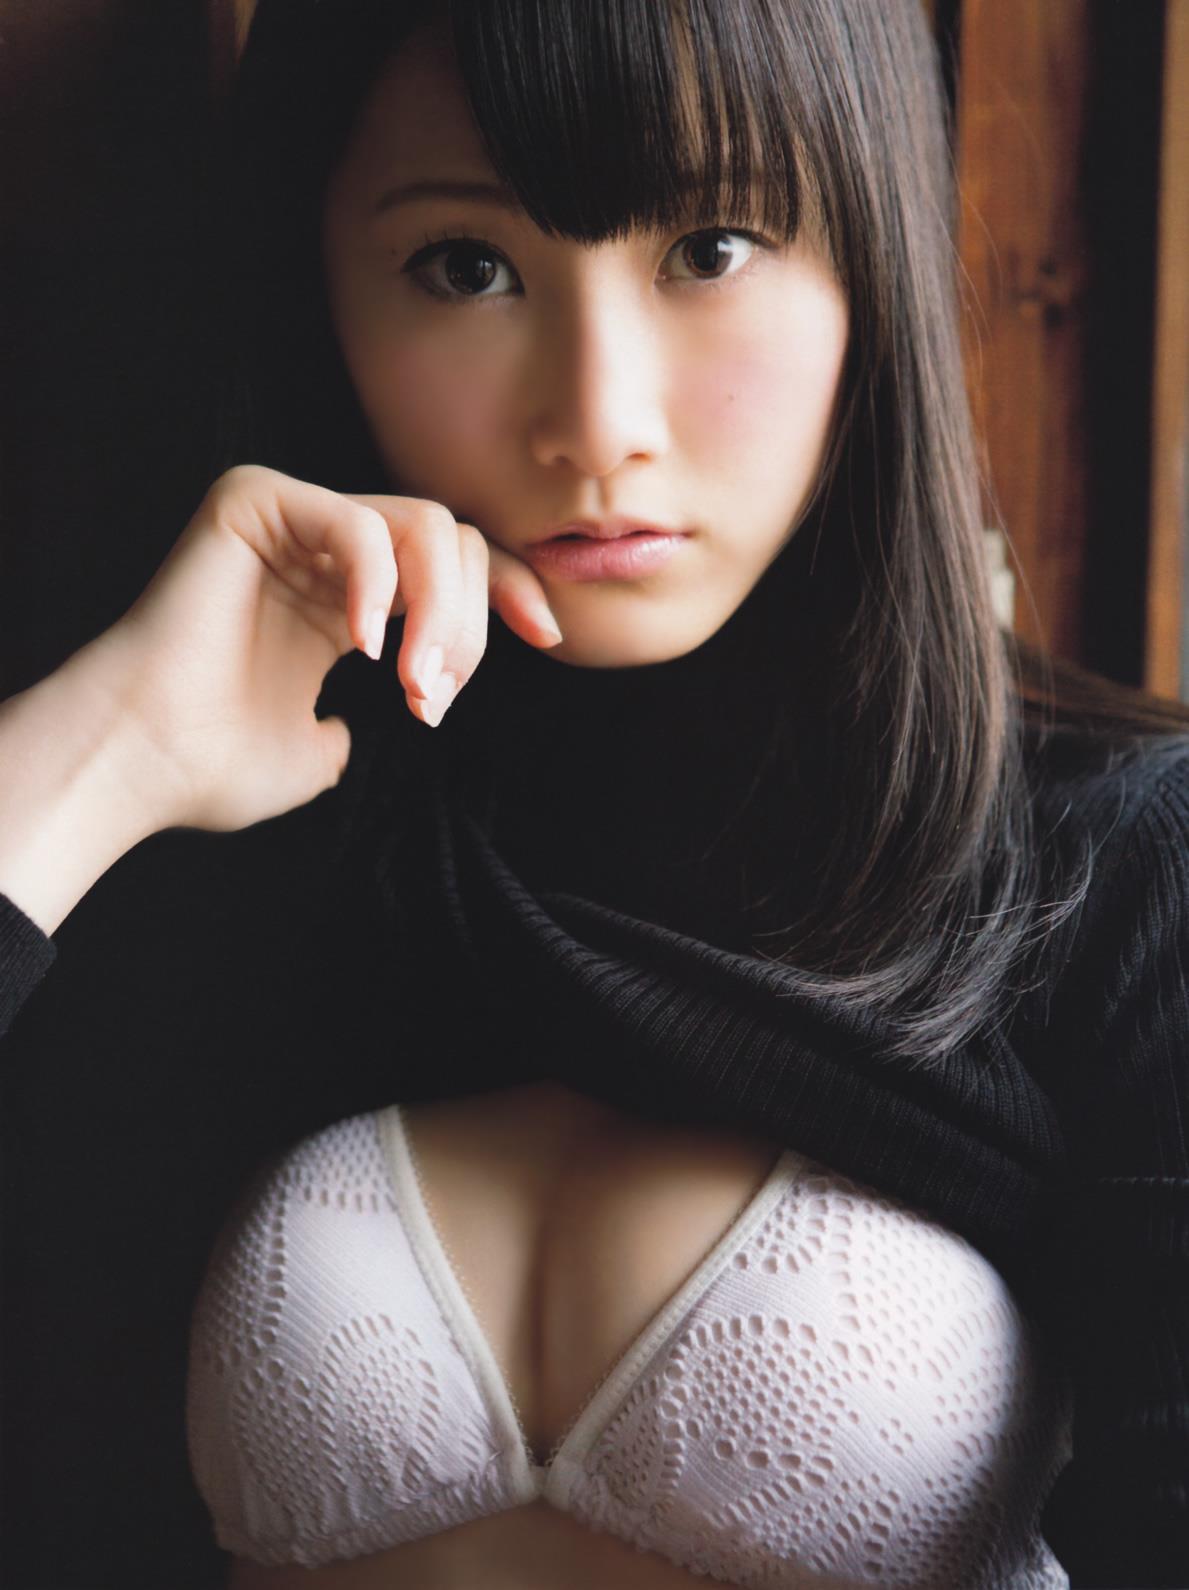 松井玲奈 エロ画像 3